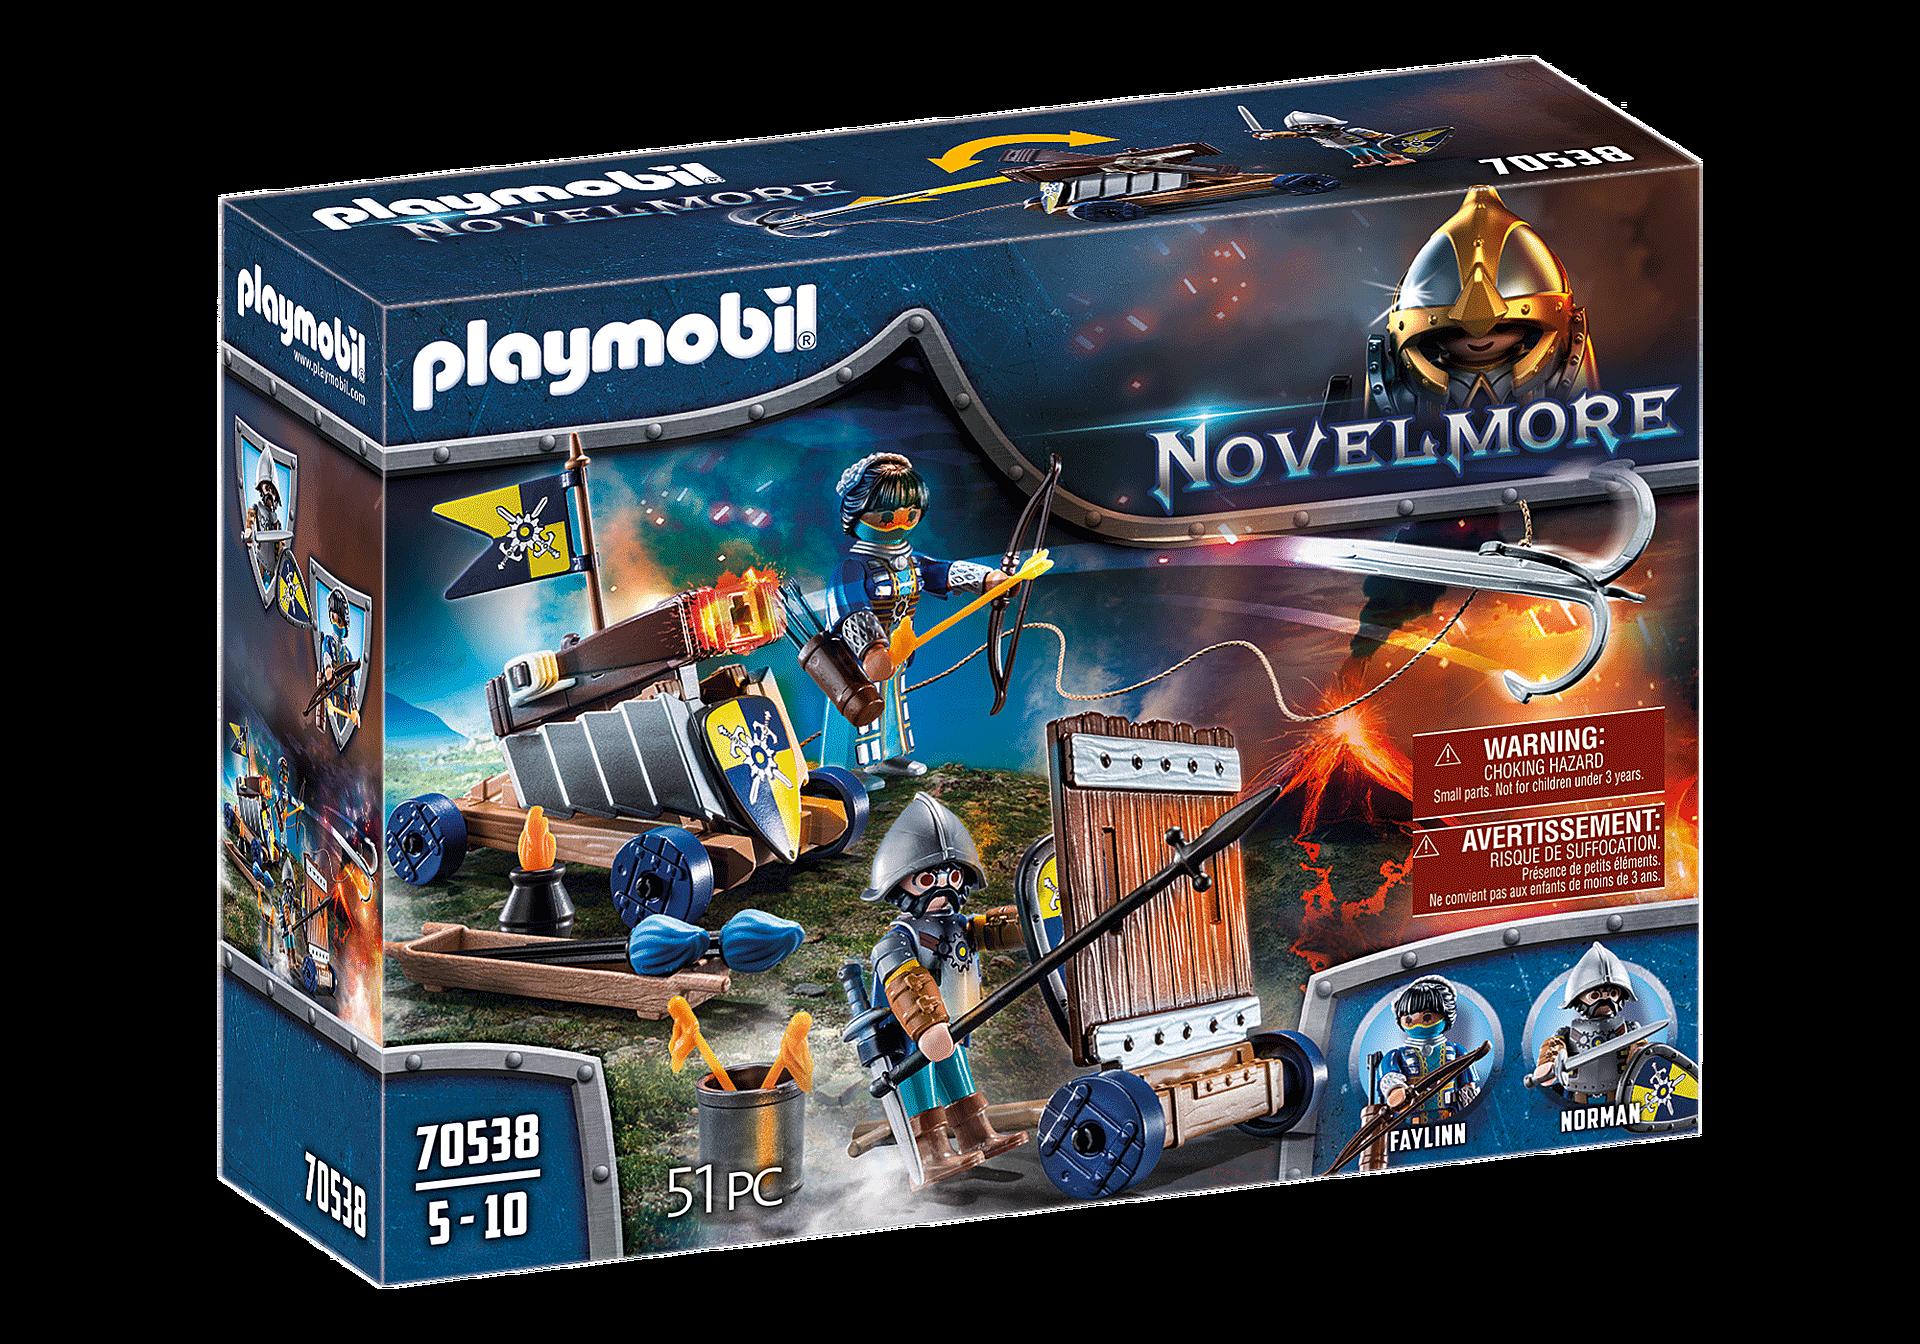 Playmobil - Novelmore Defense Squad (70538)